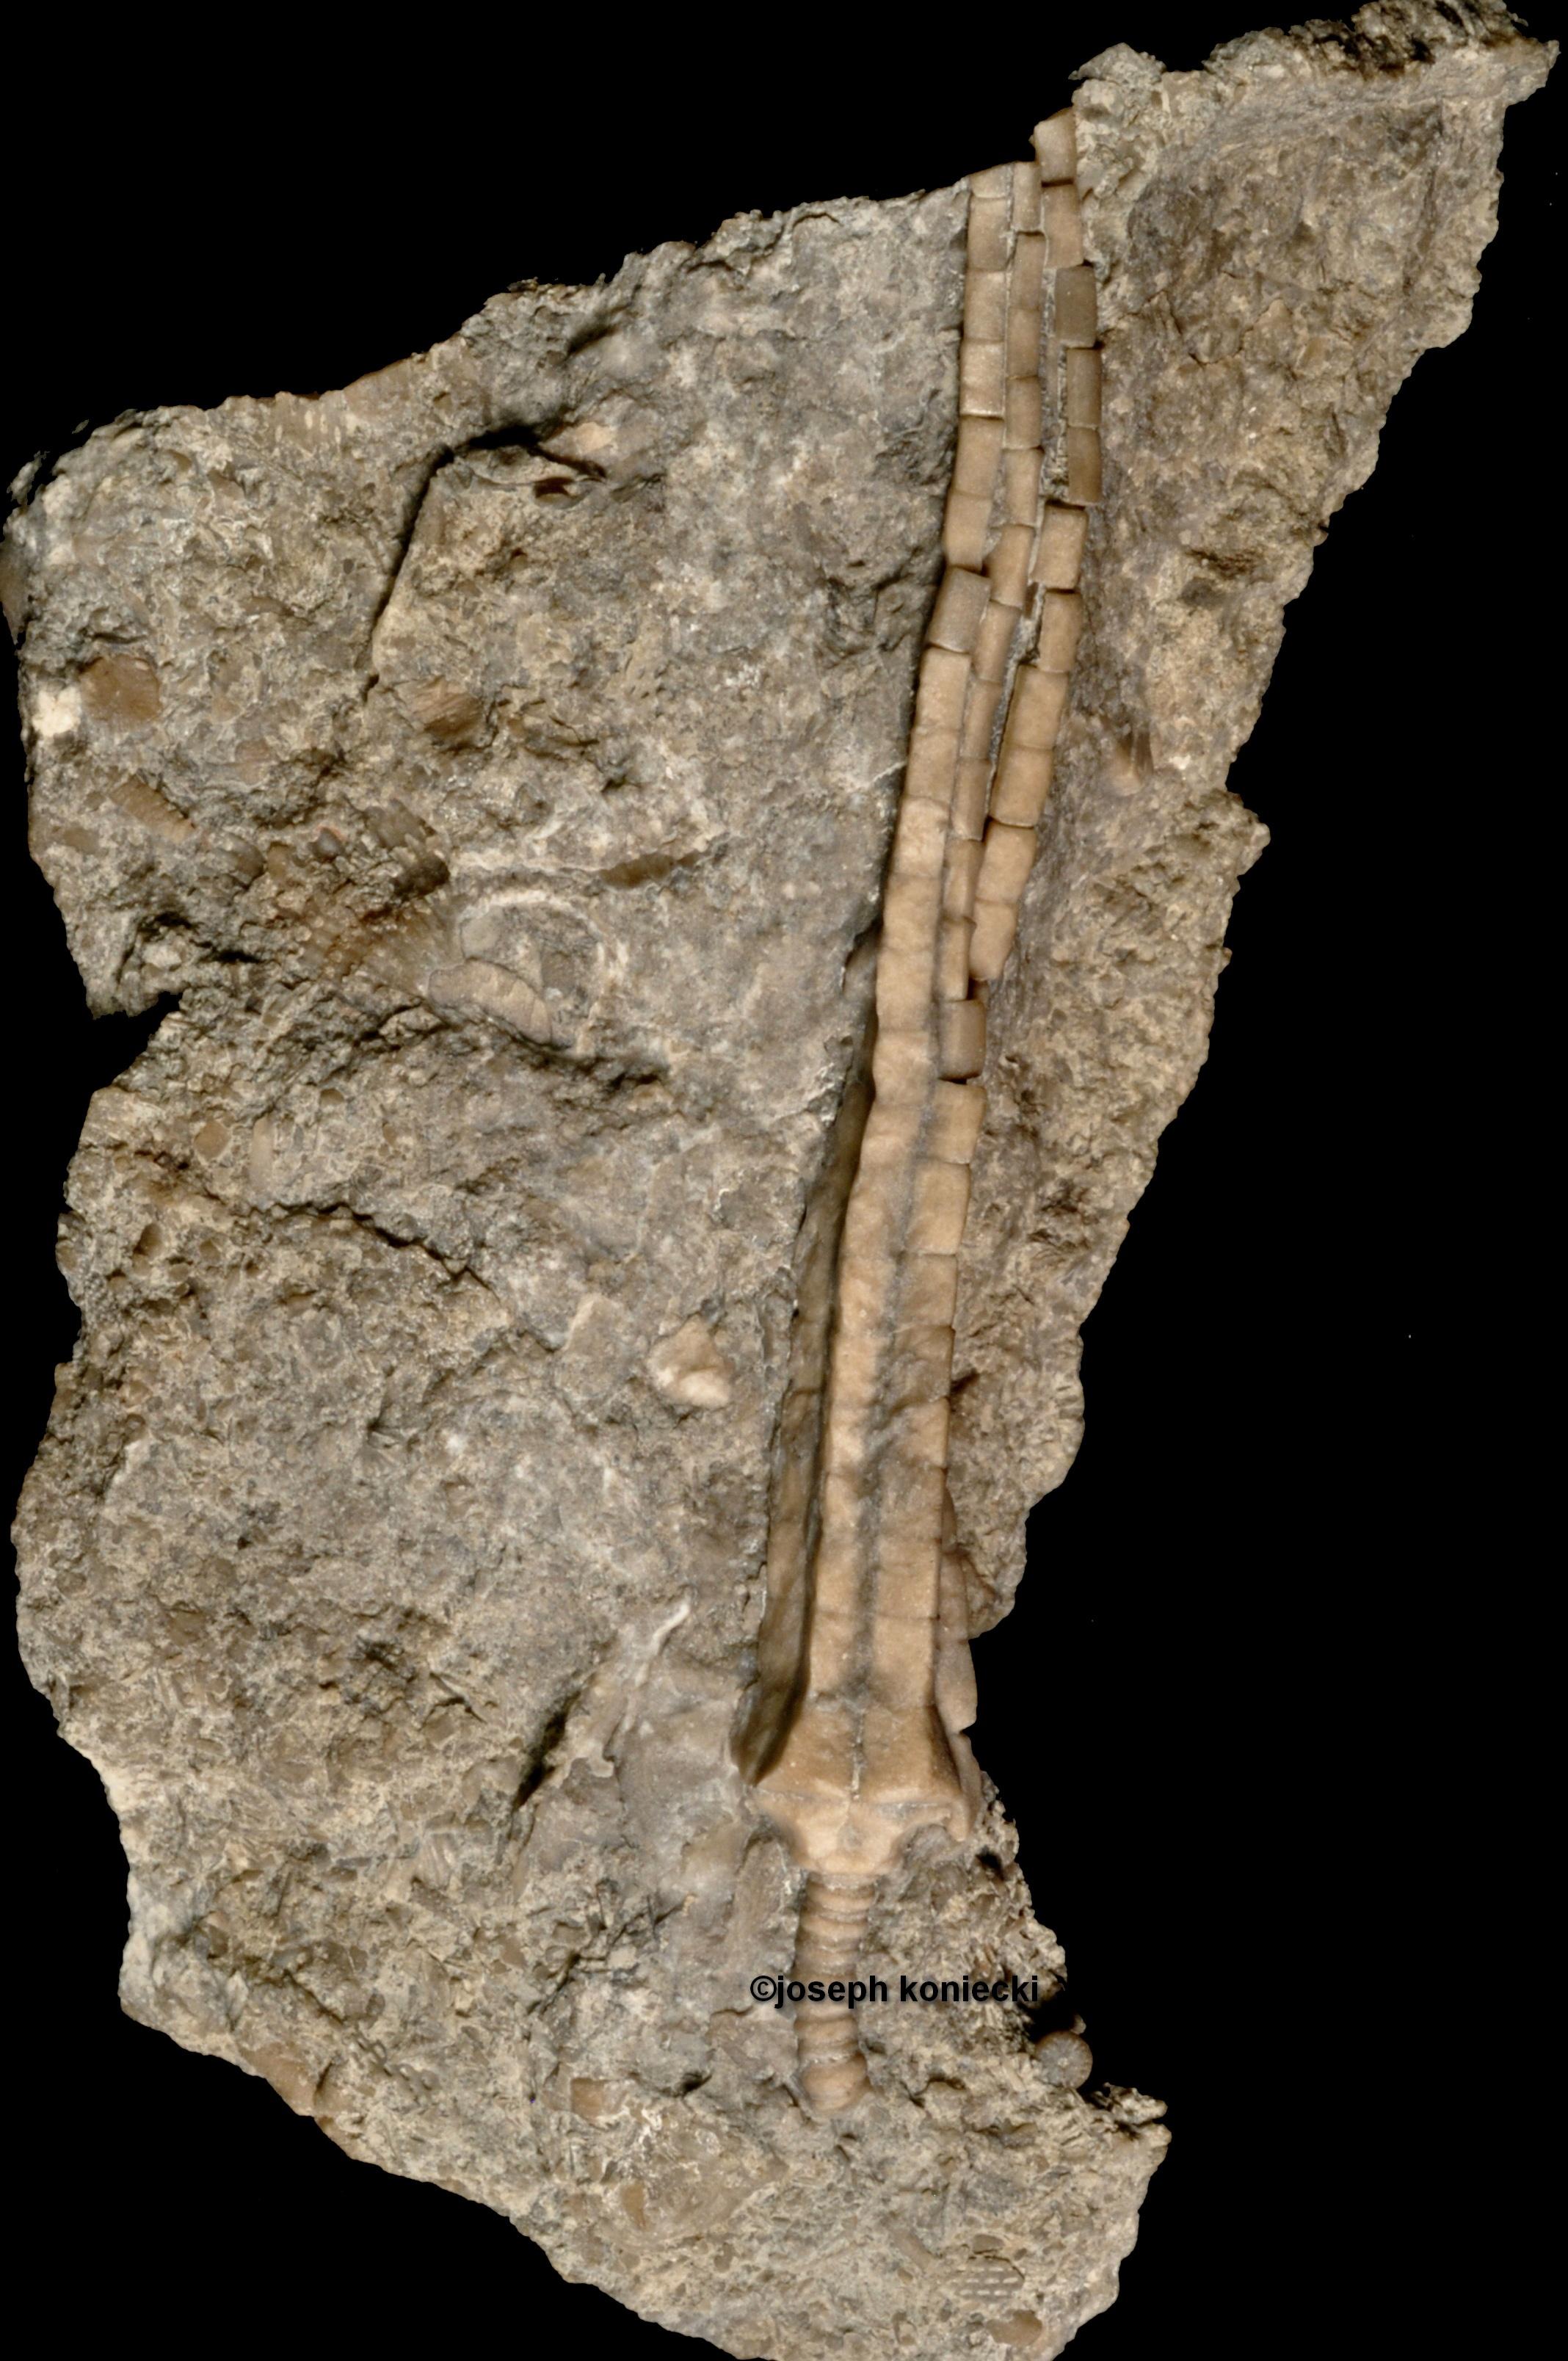 Synbathocrinus